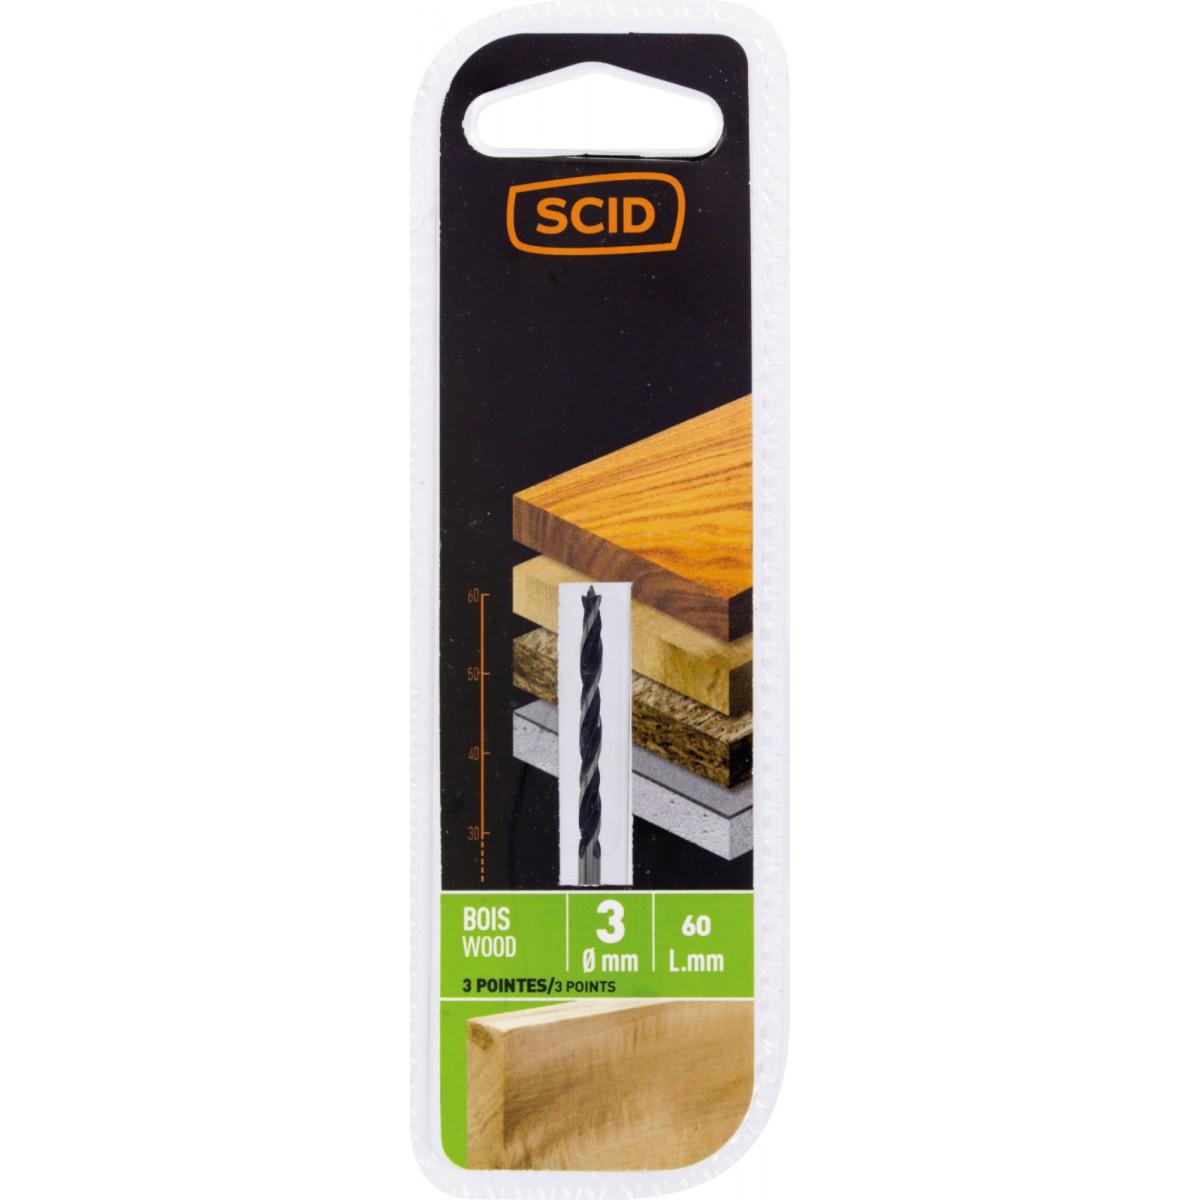 Mèche à bois 3 pointes SCID - Longueur 30 mm - Diamètre 3 mm